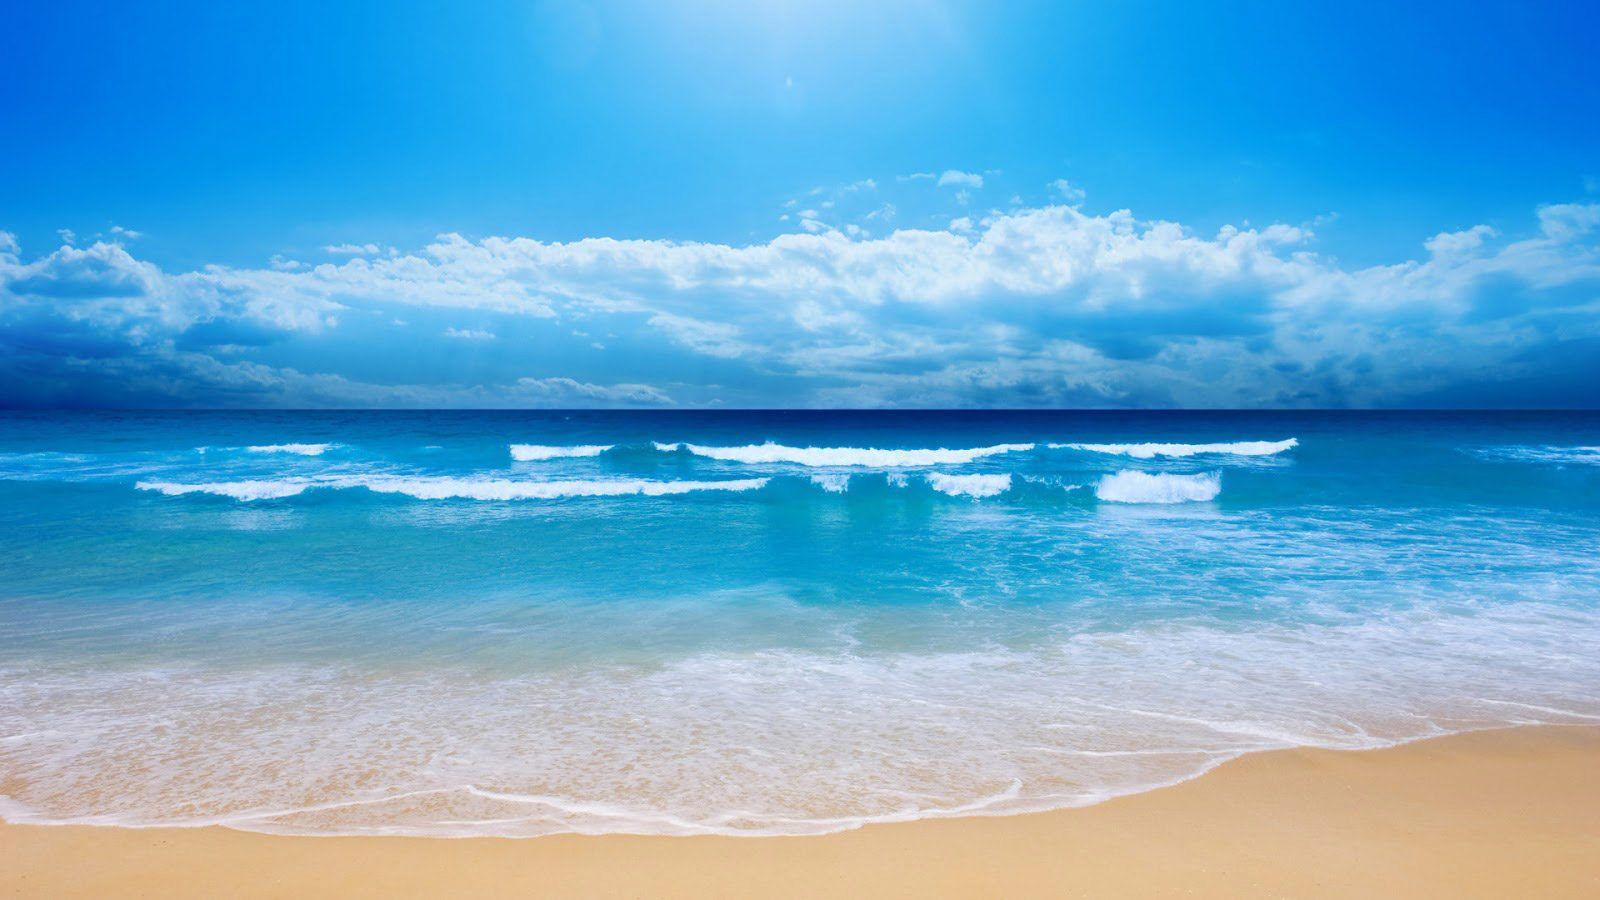 Simple Beach Desktop Wallpapers Top Free Simple Beach Desktop Backgrounds Wallpaperaccess